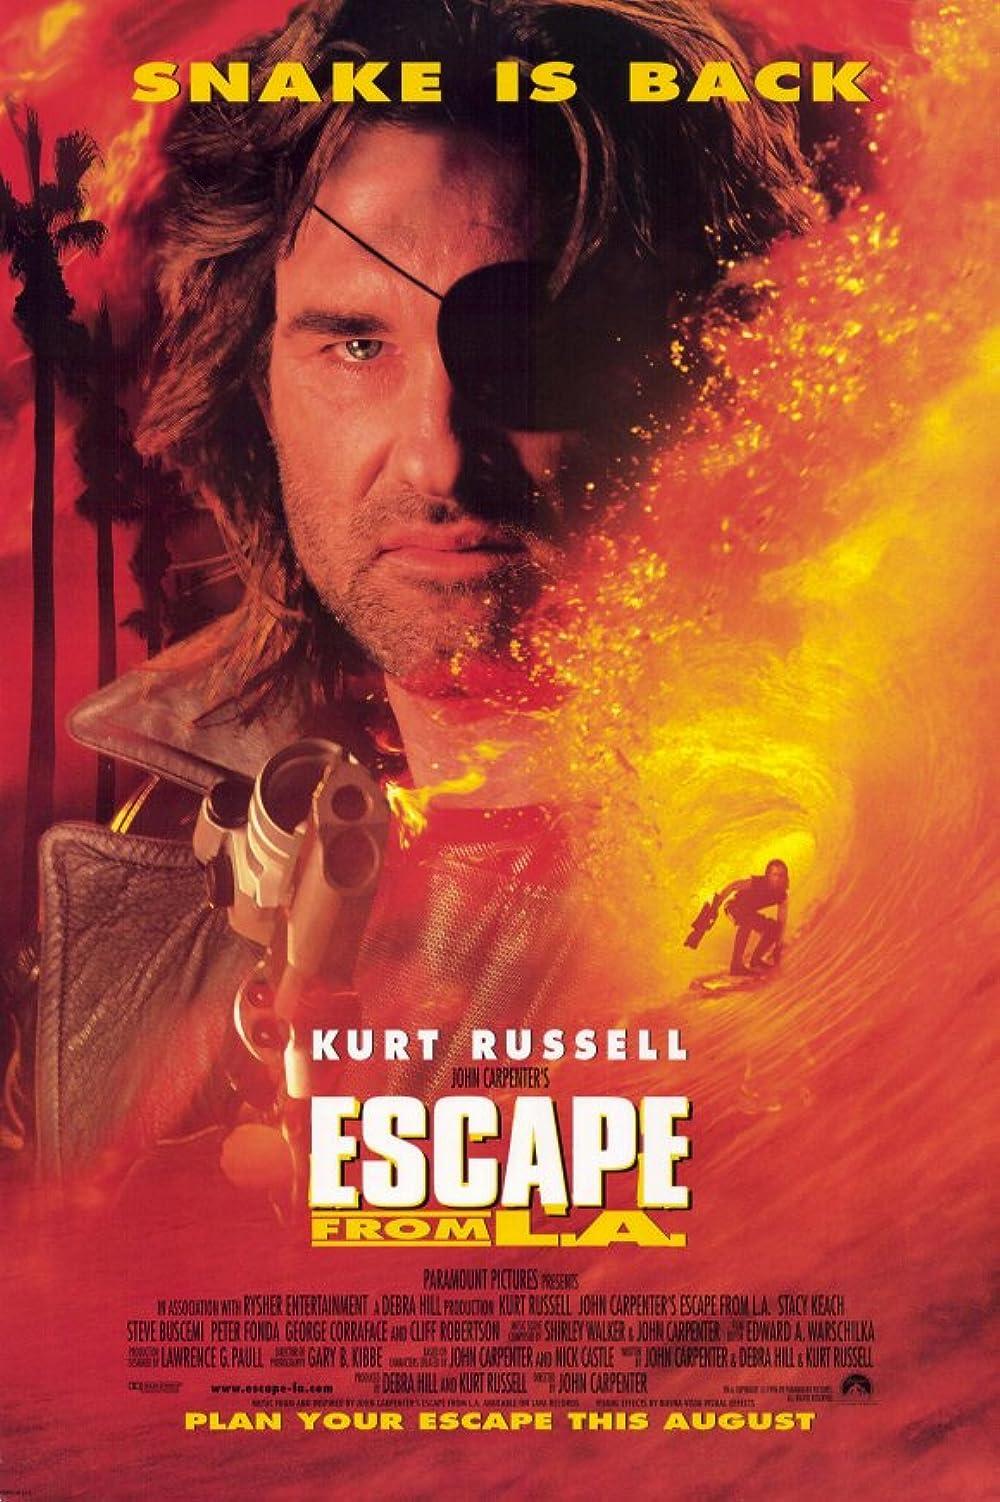 Escape from L.A. (1996) - IMDb